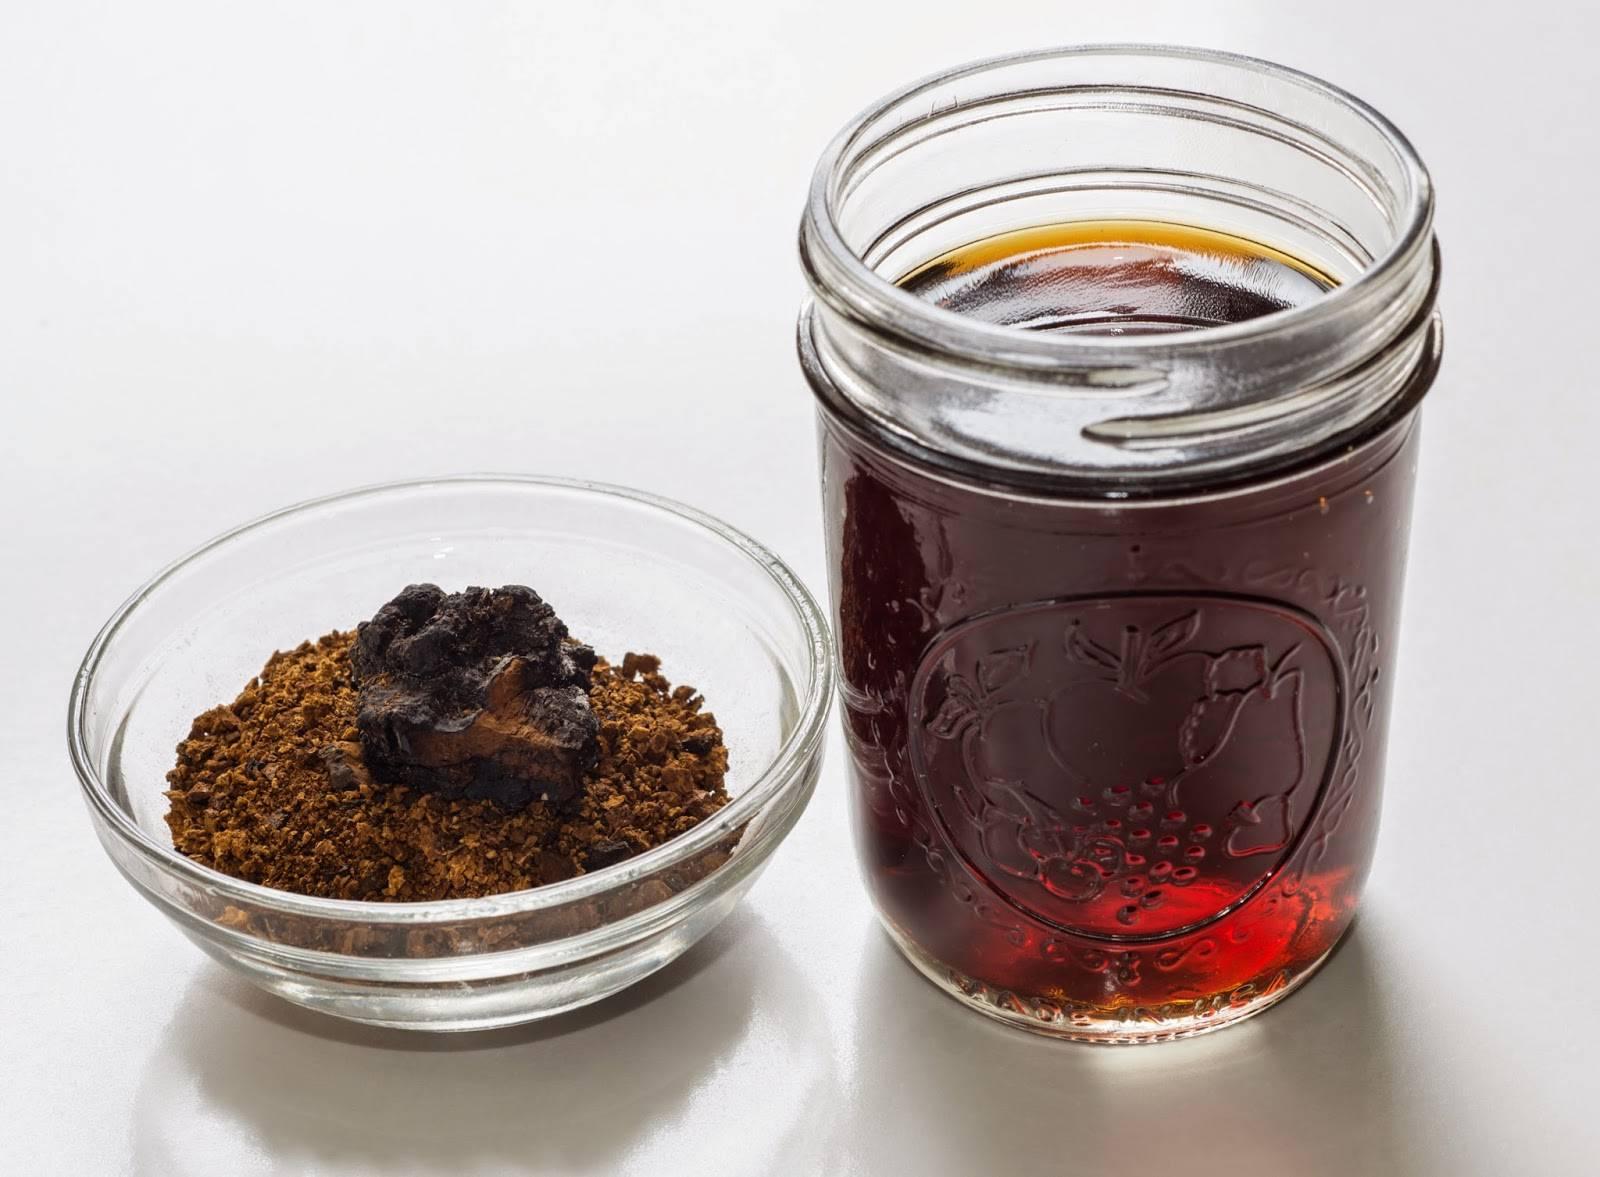 Настойка и применение самогона на чаге в домашних условиях. полезные свойства и противопоказания